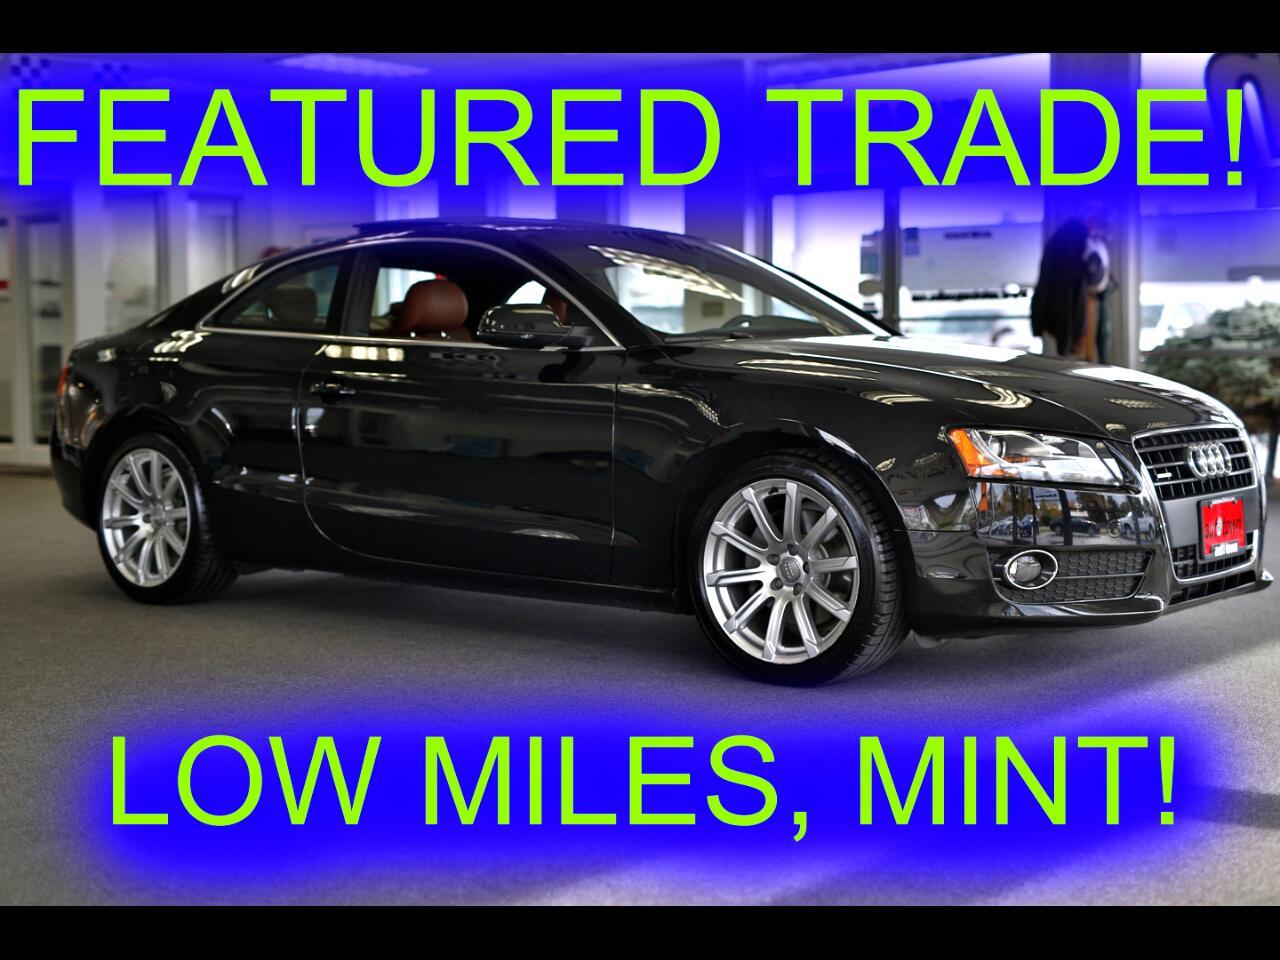 2011 Audi A5 Coupe 2.0T Quattro Premium